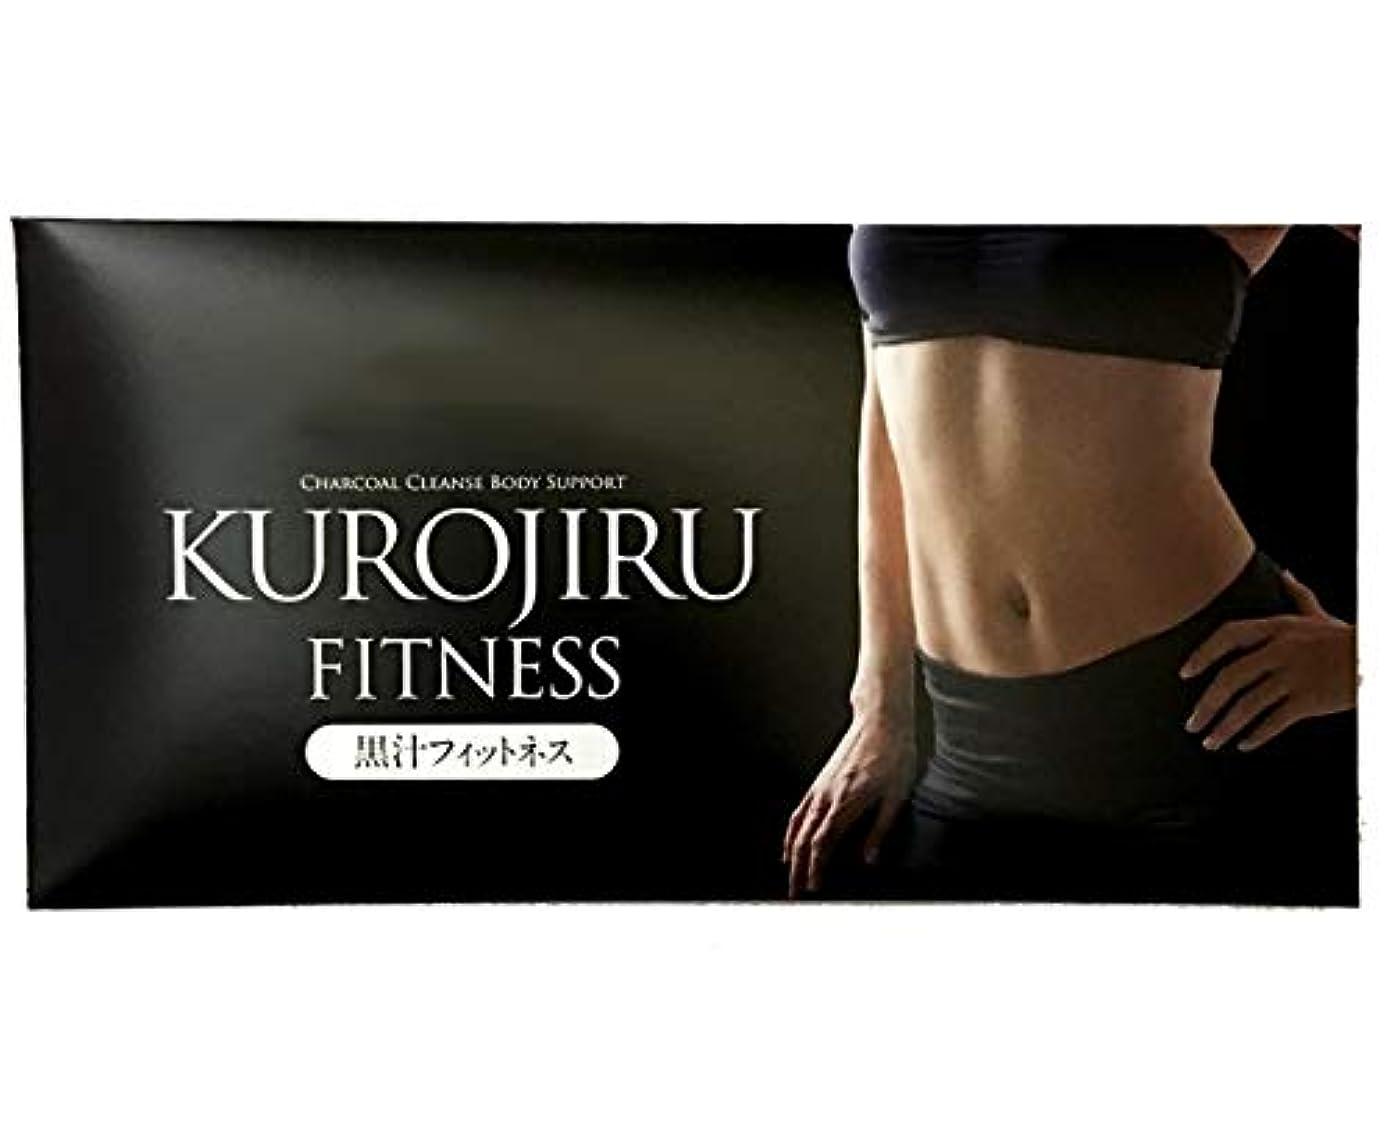 アルネカートリッジすべき黒汁フィットネス(KUROJIRU FITNESS) 30包 チャコールクレンズ 赤松活性炭 オリゴ糖 サラシアエキス 酵素